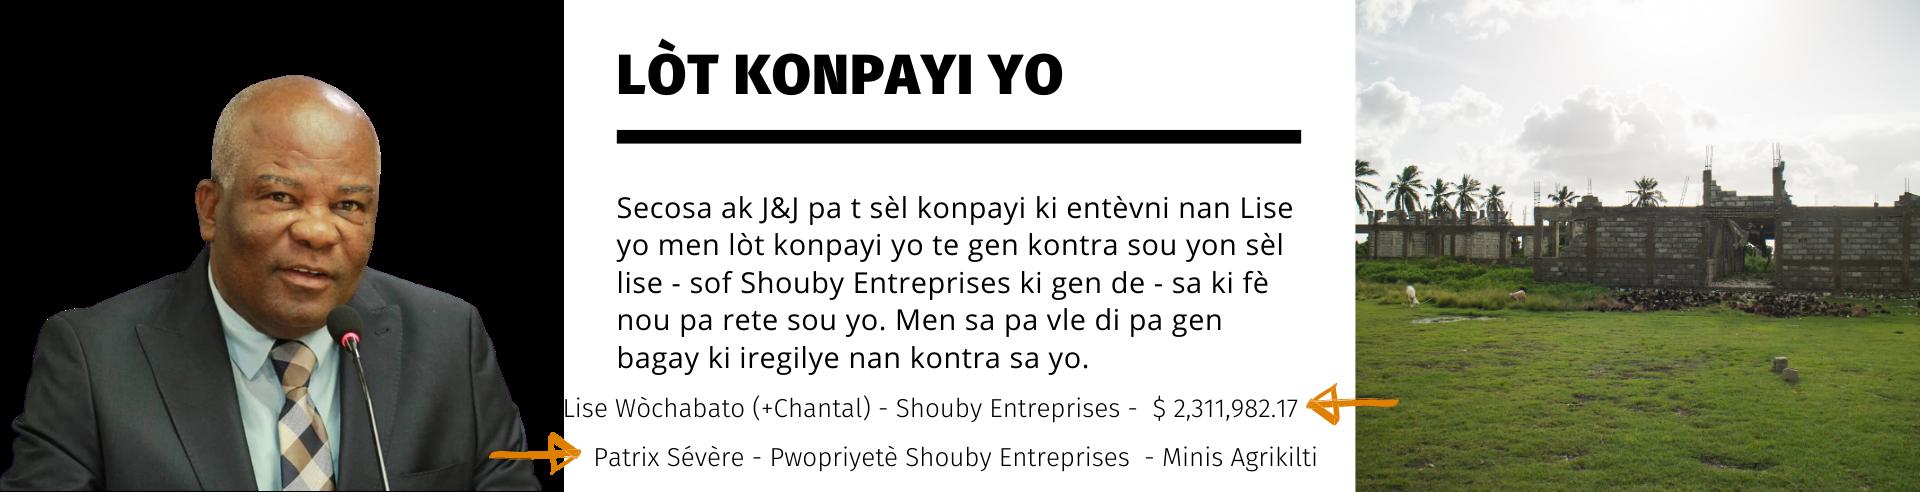 _OditLise_-_Konpayi_yo_(3).png